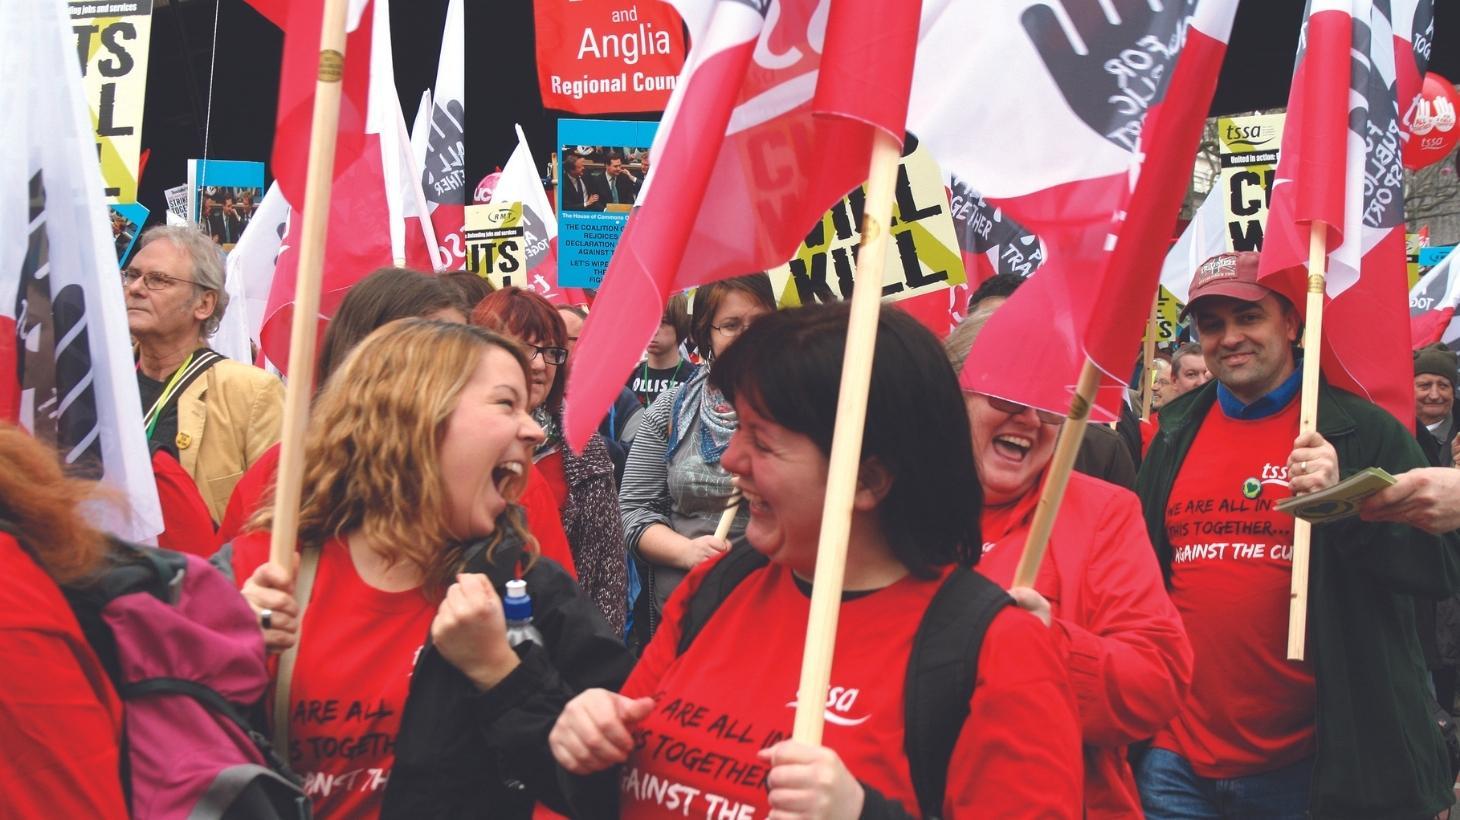 TSSA members attending a rally